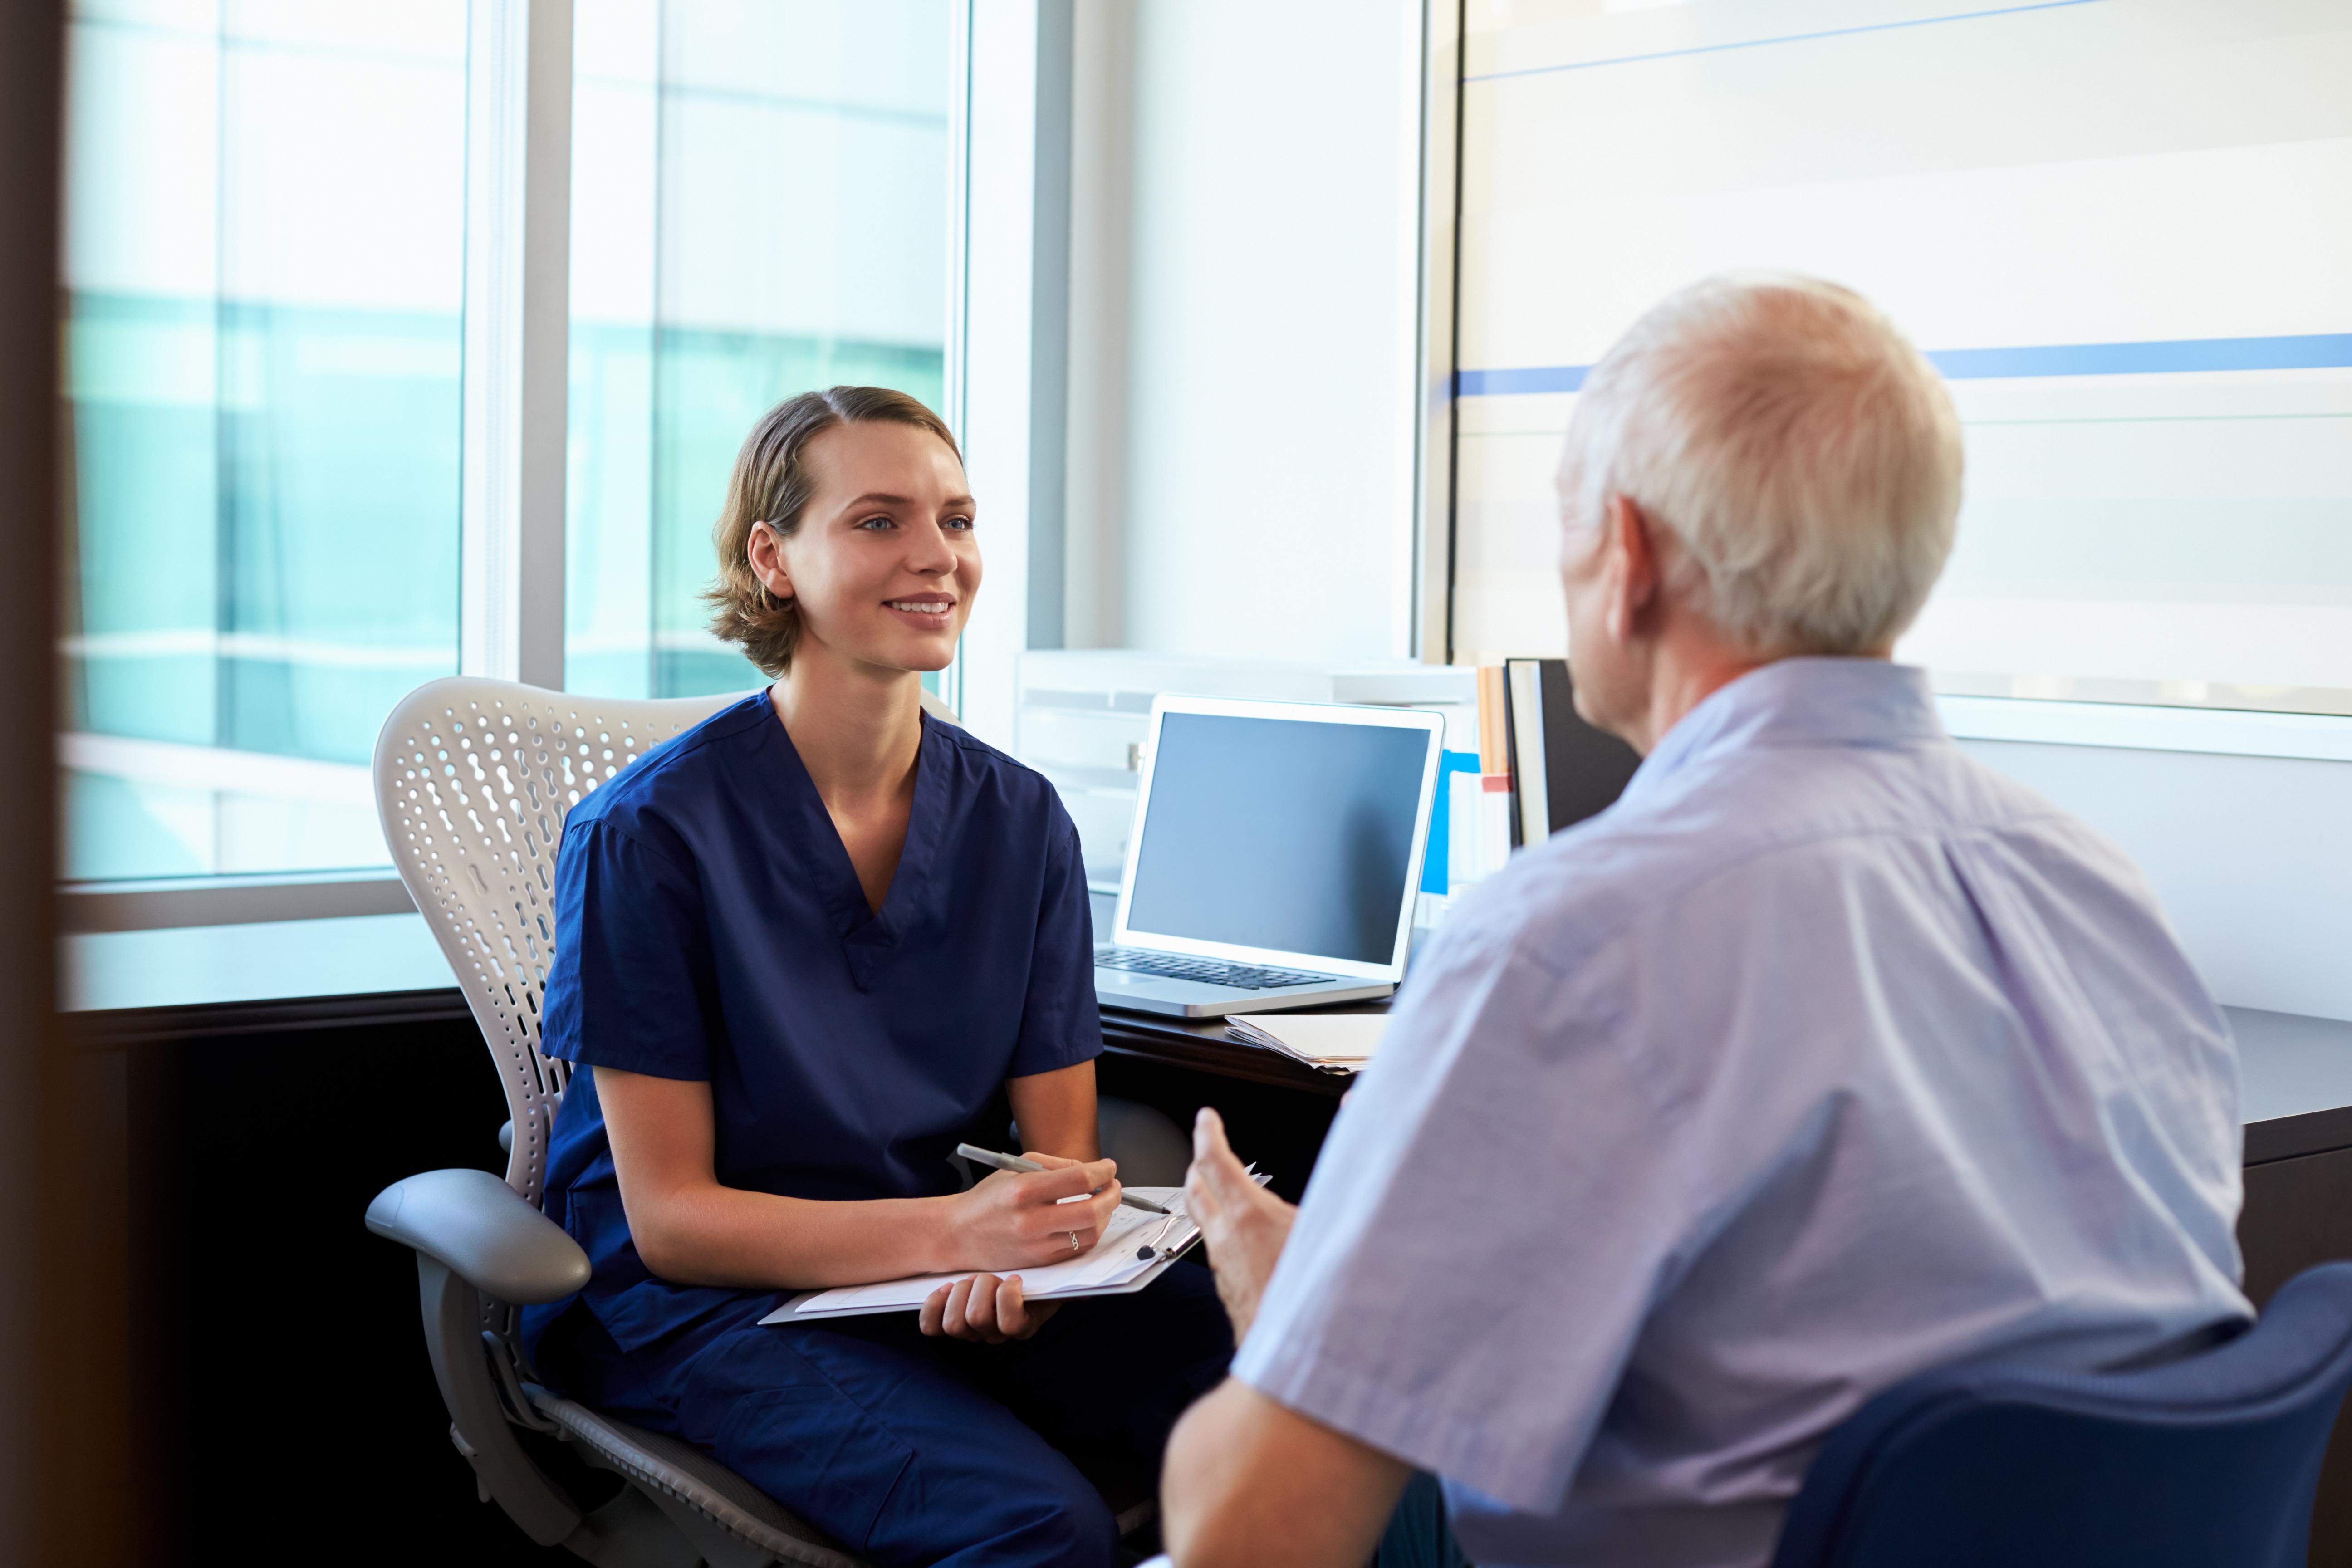 Det är inte alla som söker sjukvård för sin krokiga penis, men det finns hjälp att få så prata med din läkare.